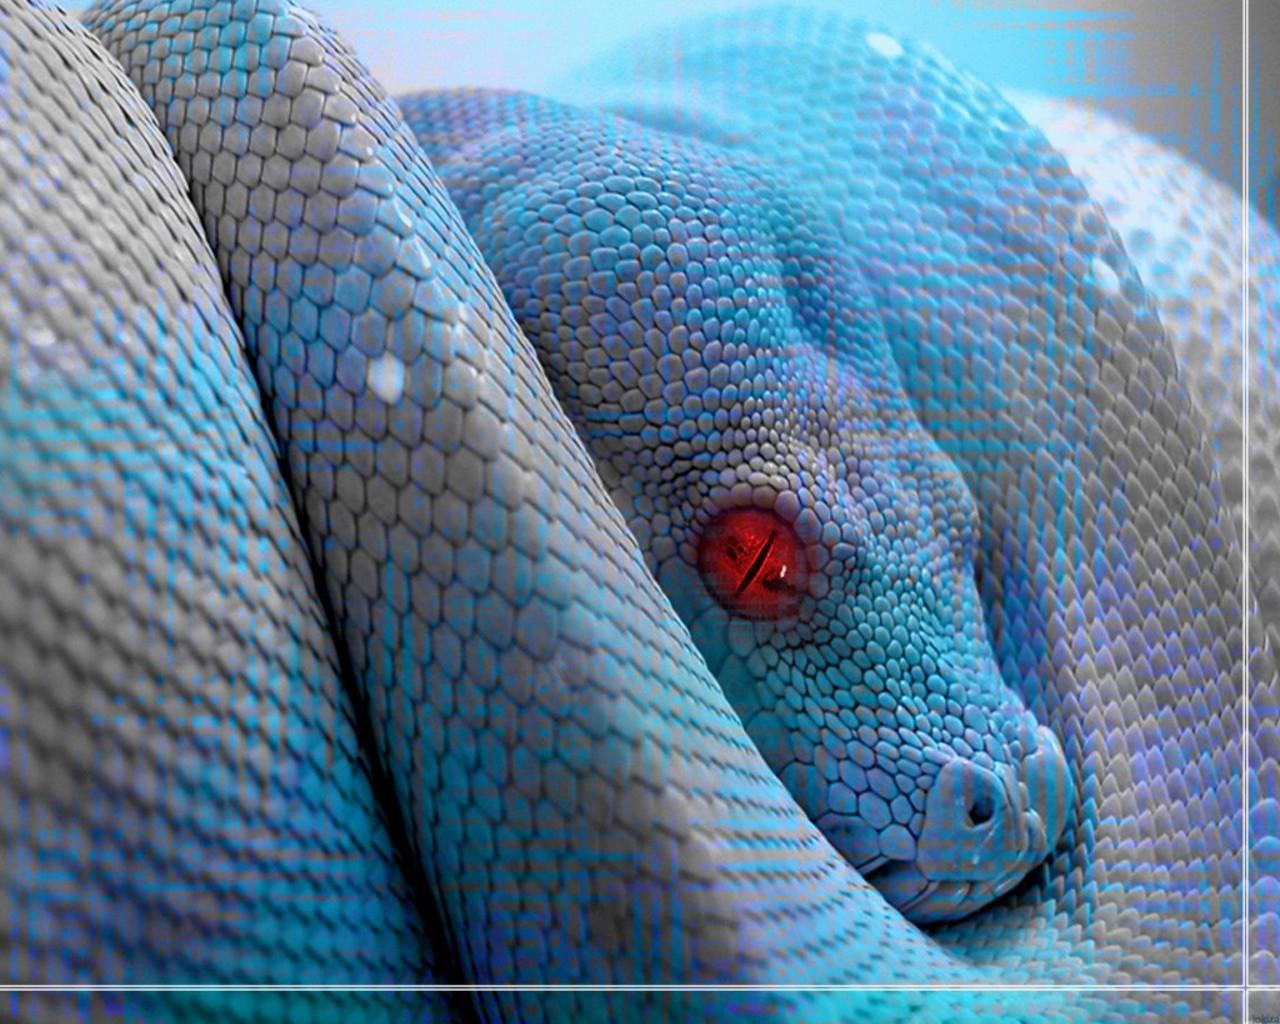 Зеленая змея с красными глазами, фото, обои для рабочего стола